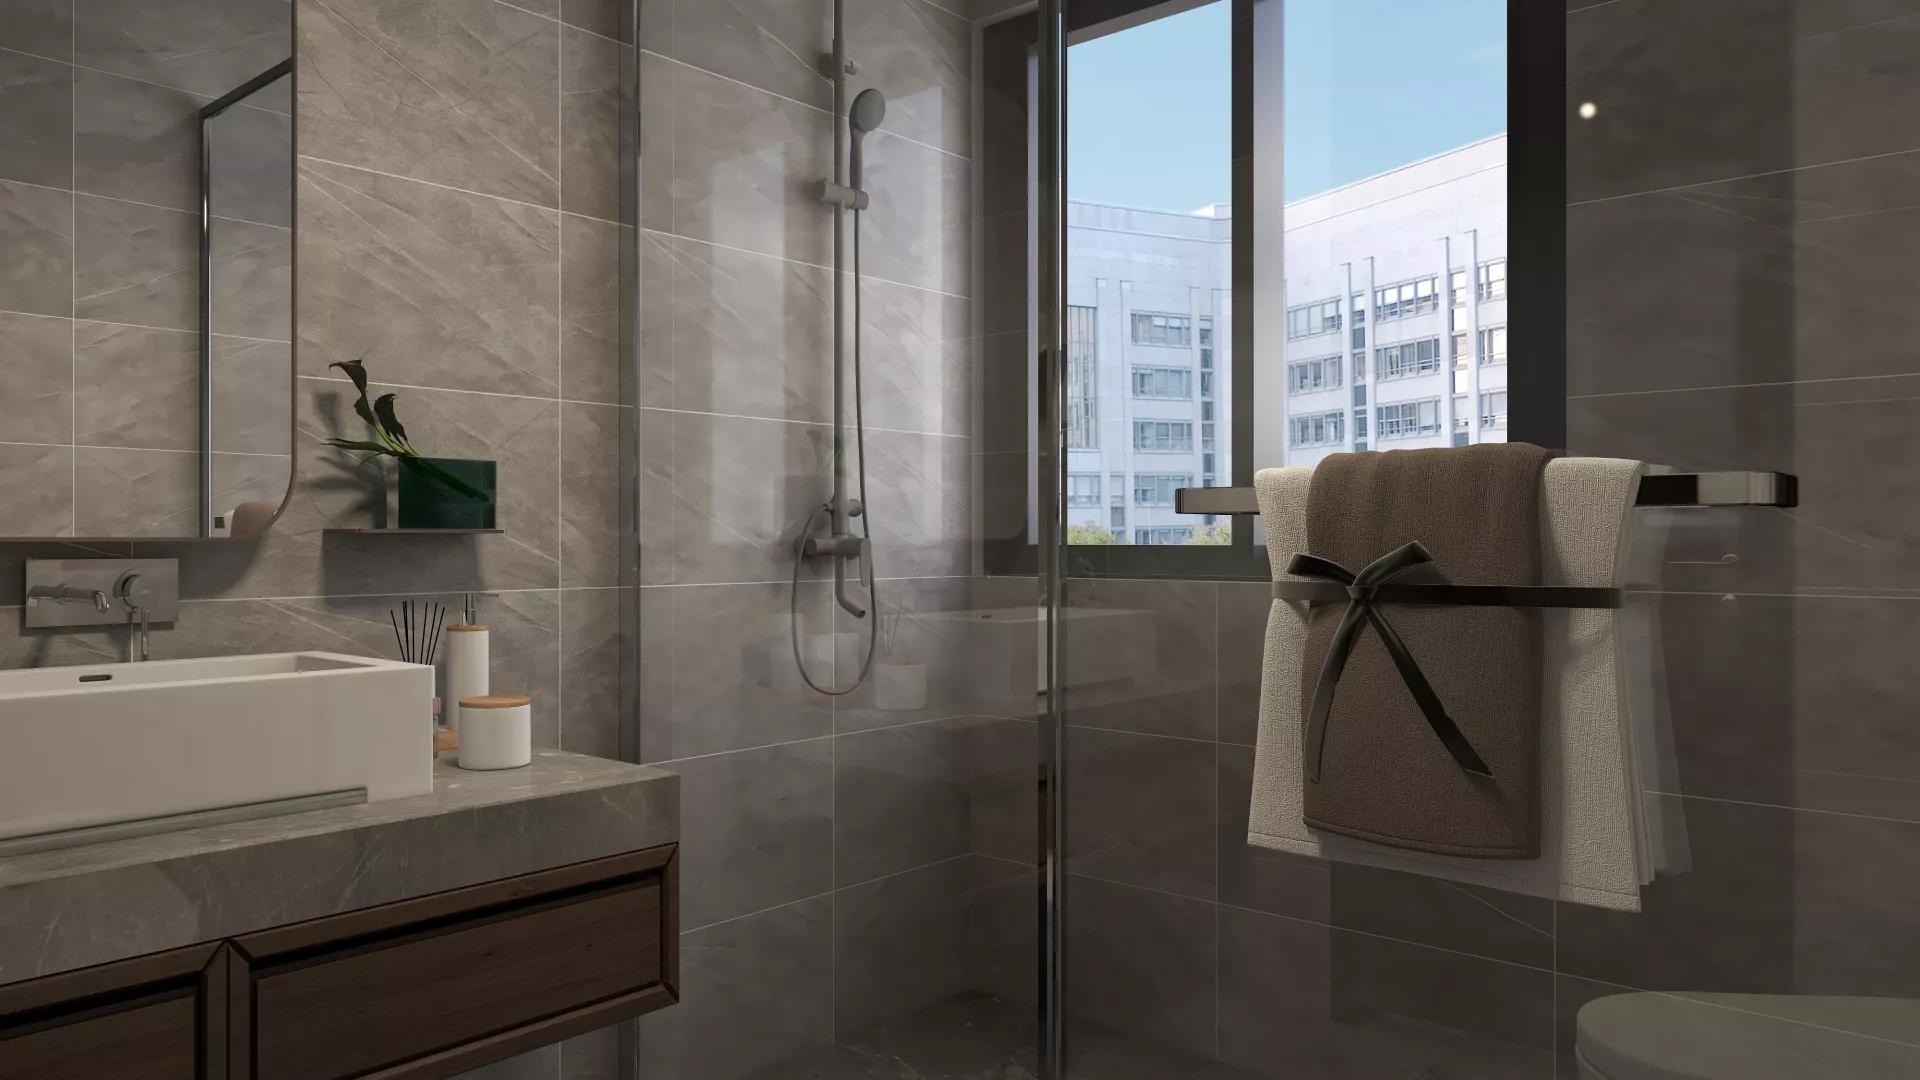 舒适简洁风格家居公寓客厅装修效果图